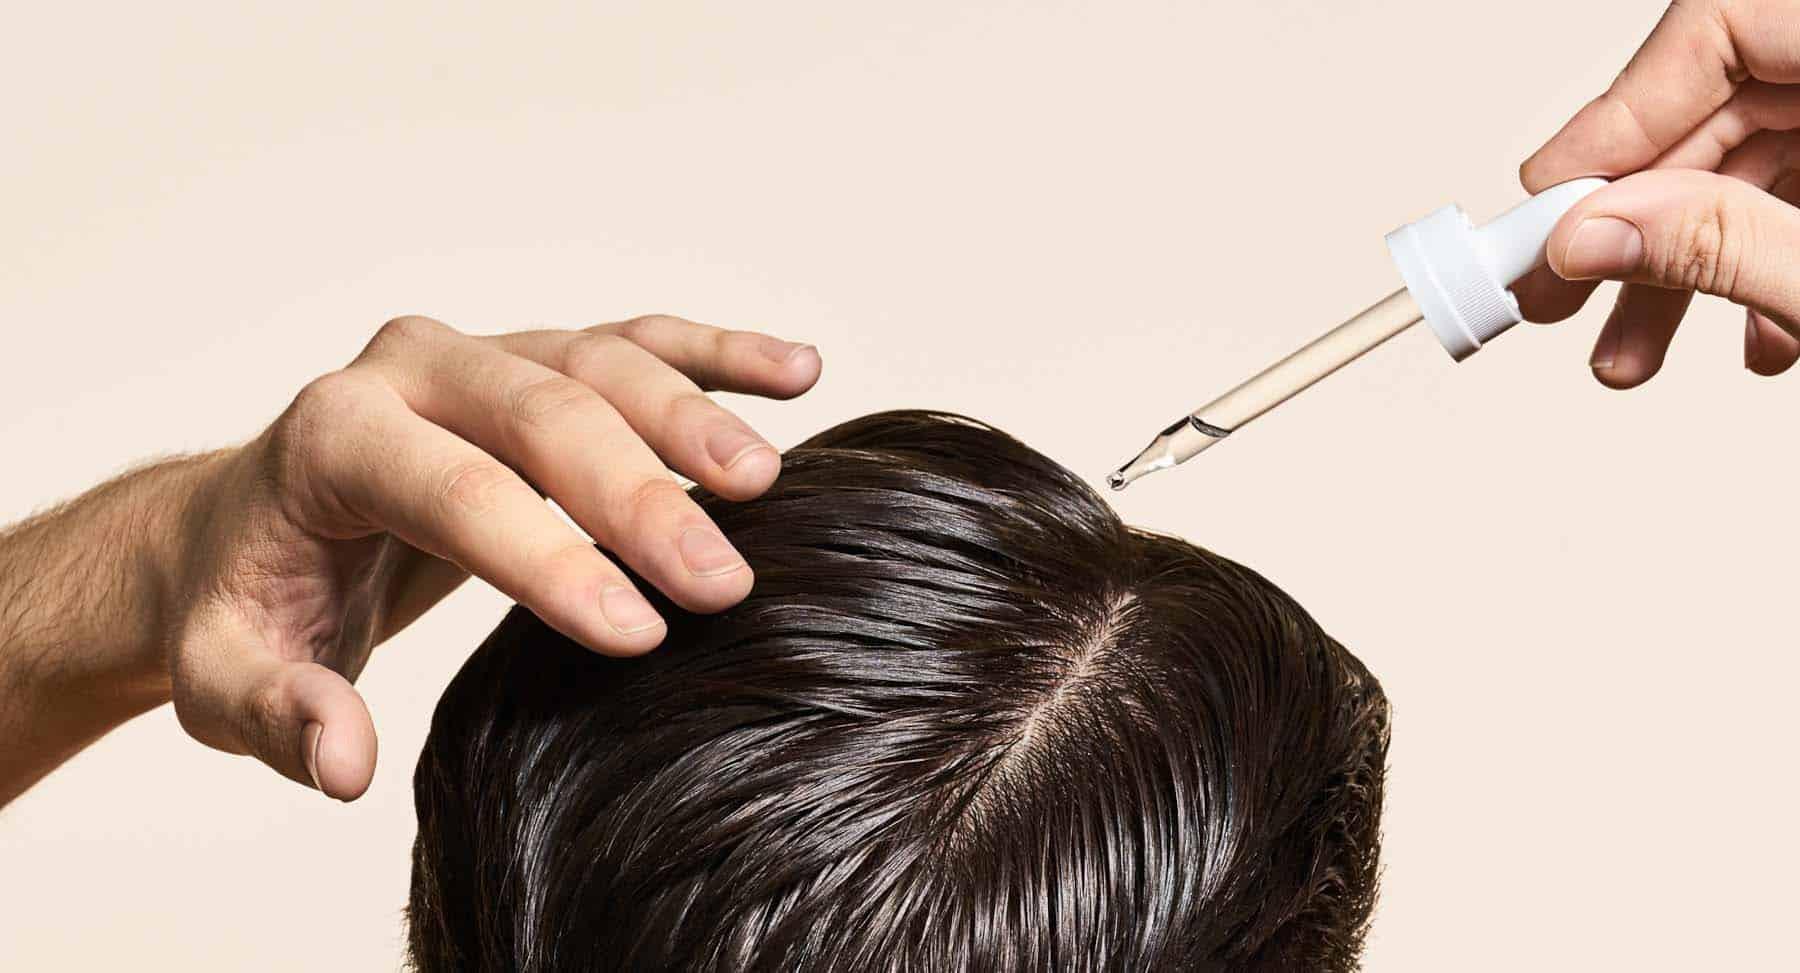 Trapianto di capelli: Toppik e Finasteride funzionano?